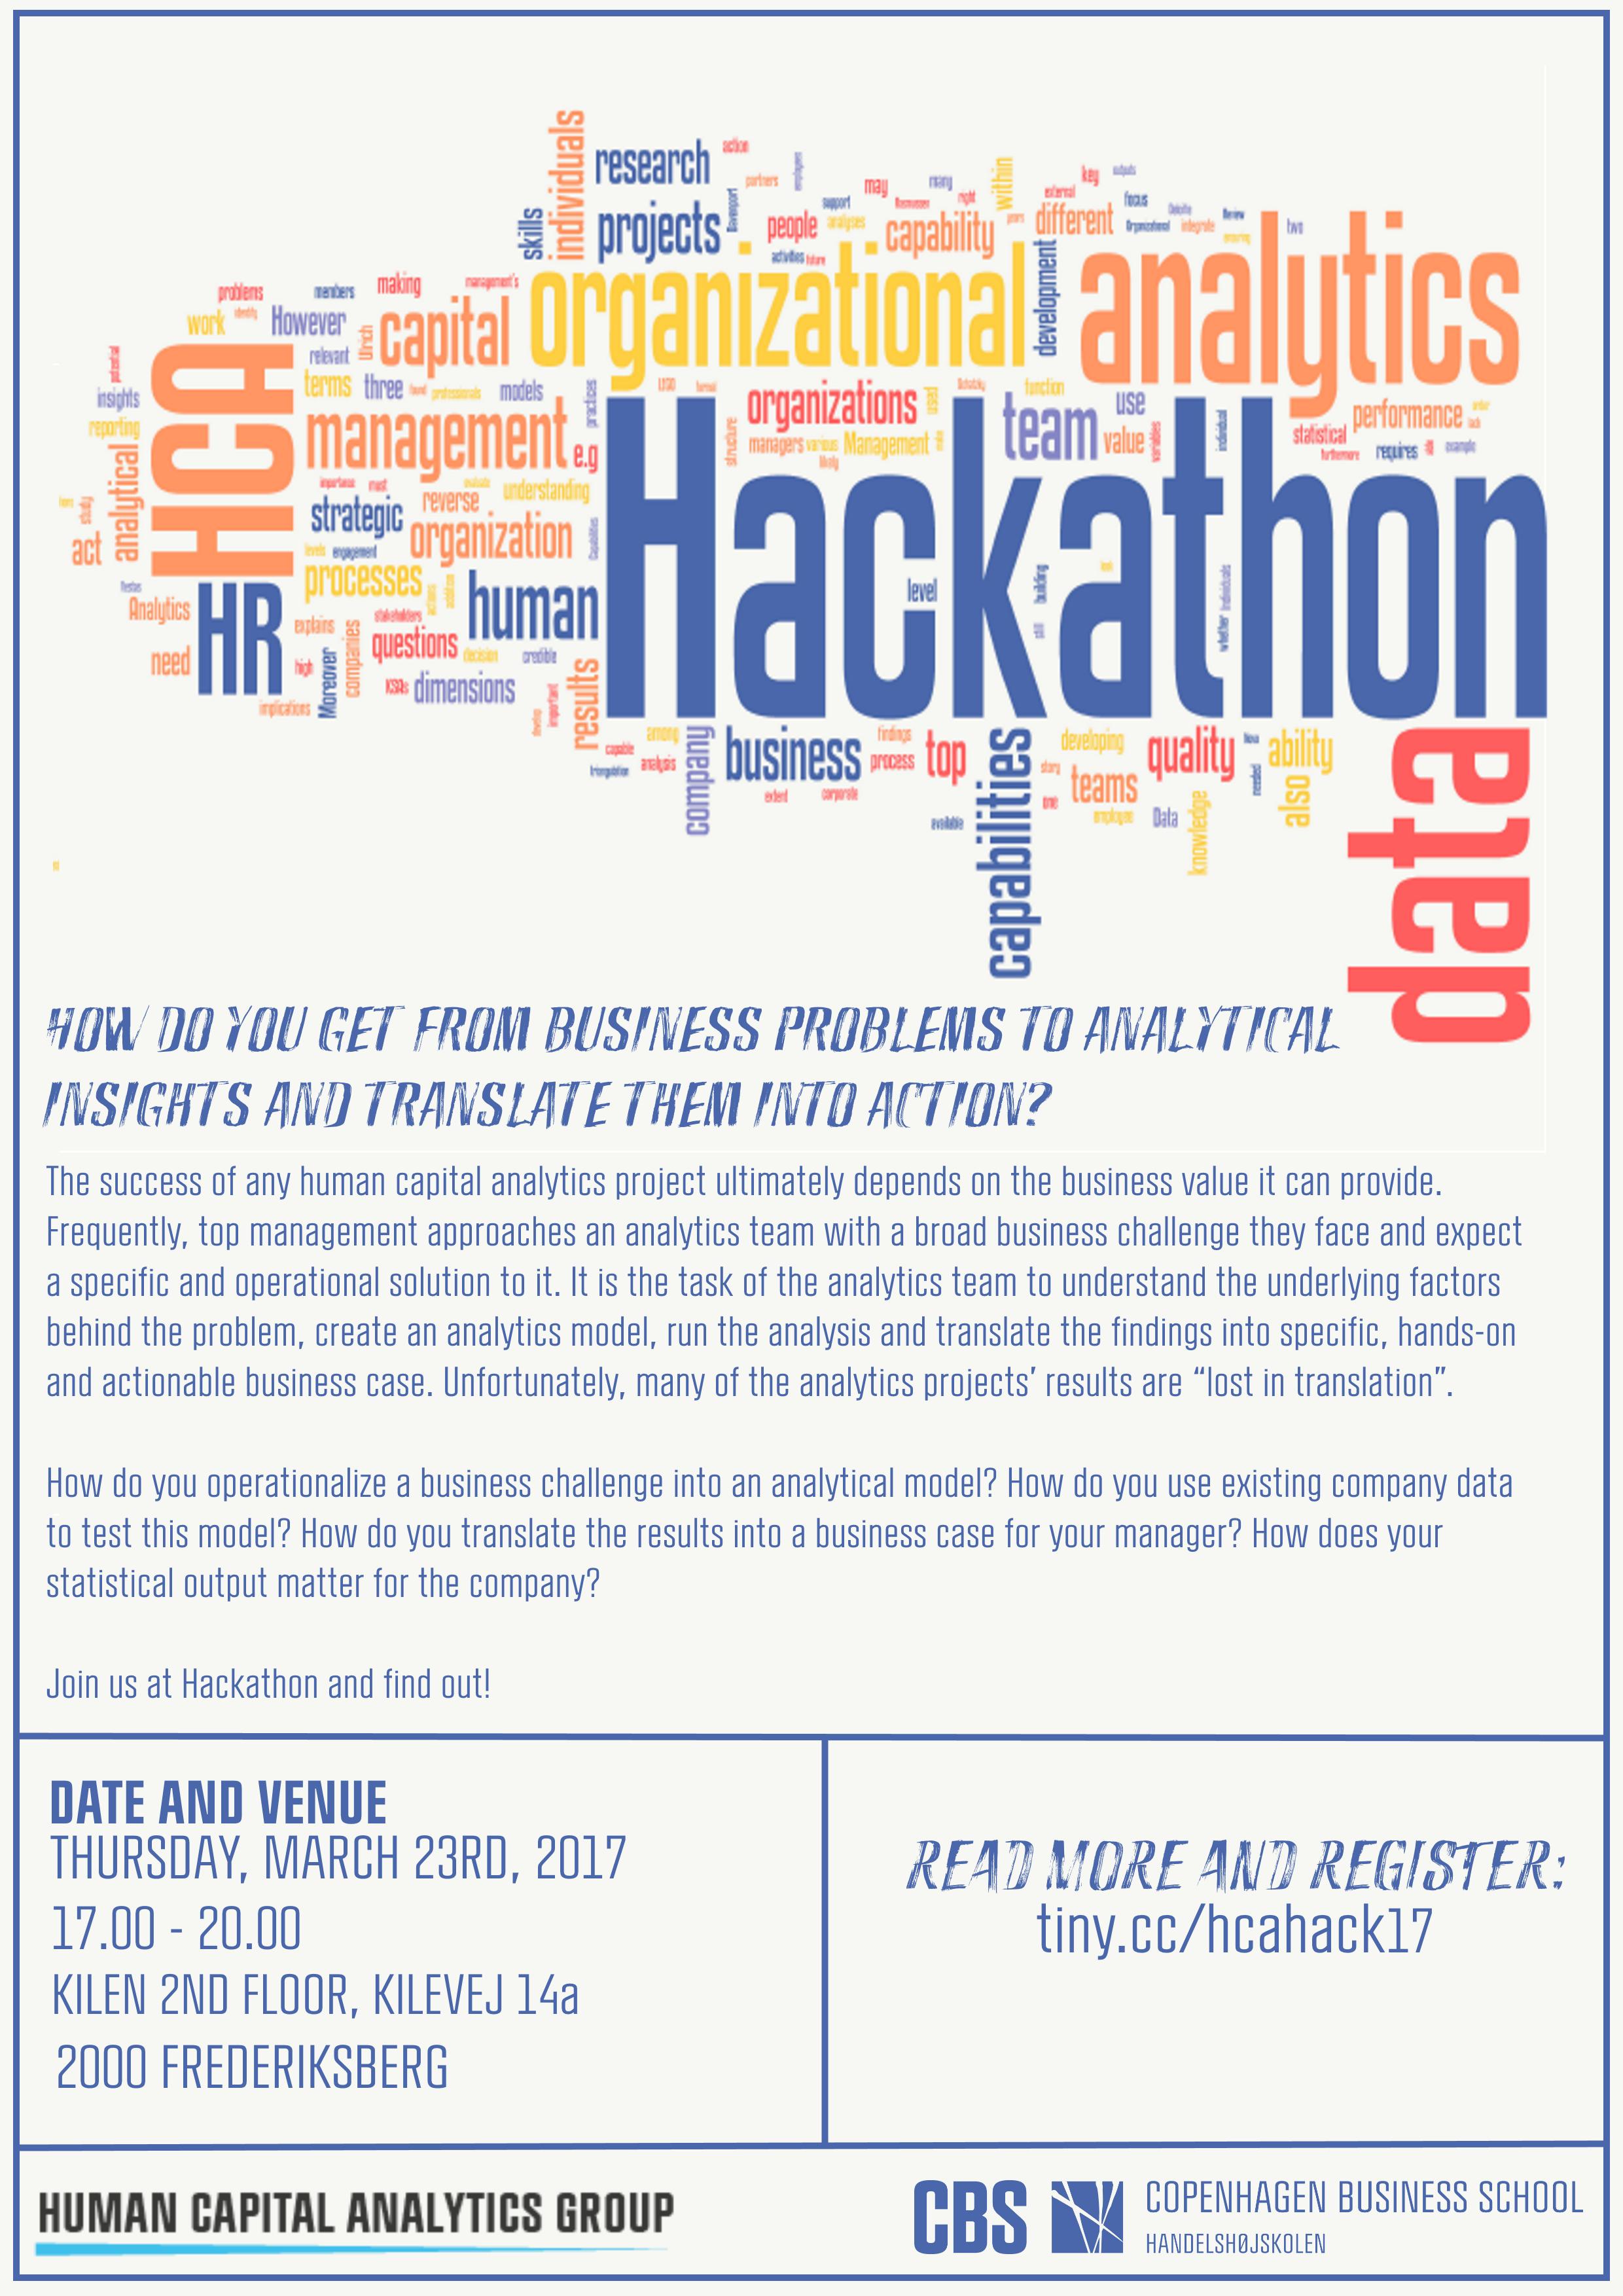 hca_hackathon2017